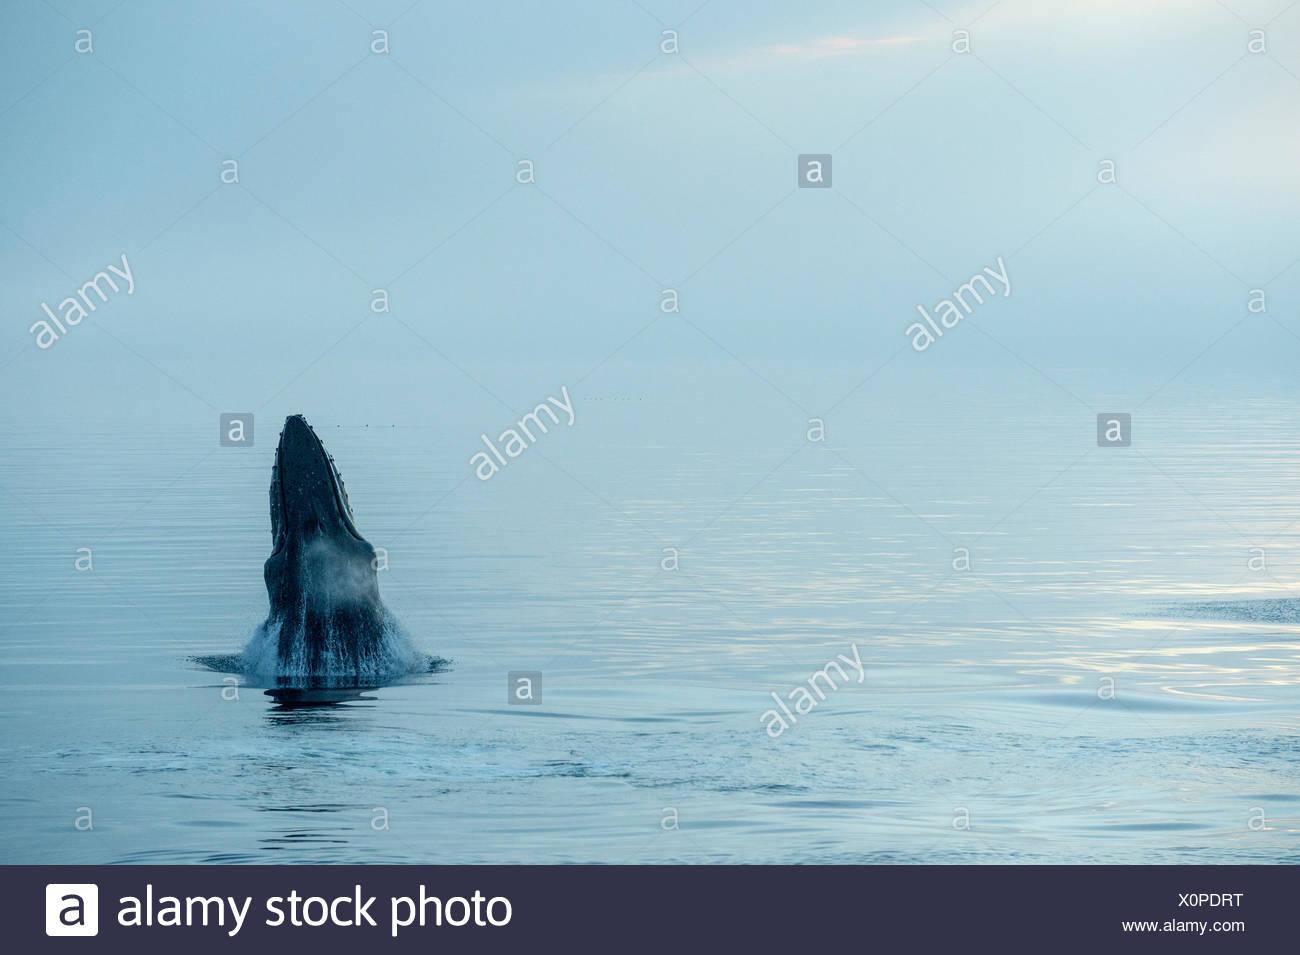 Ein Buckelwal (Impressionen Novaeangliae) ab, in der Nähe von Petersburg, Alaska zu verletzen. Stockbild